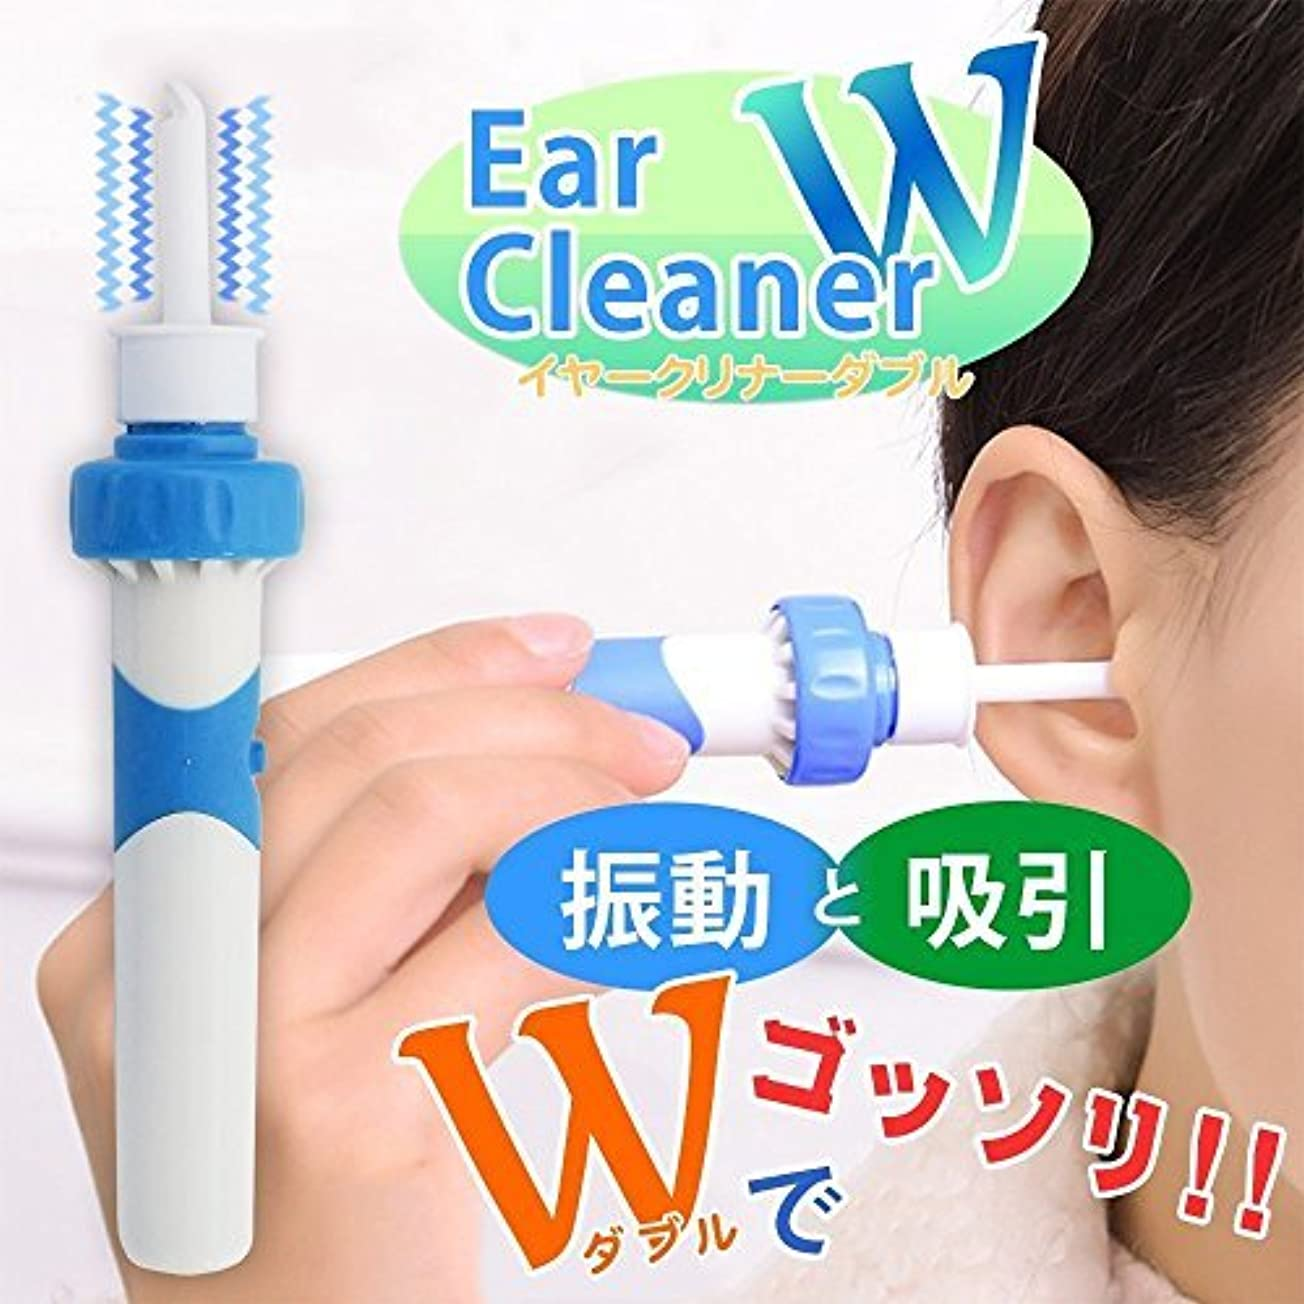 パスコードレス減るCHUI FEN 耳掃除機 電動耳掃除 耳クリーナー 耳掃除 みみそうじ 耳垢 吸引 耳あか吸引